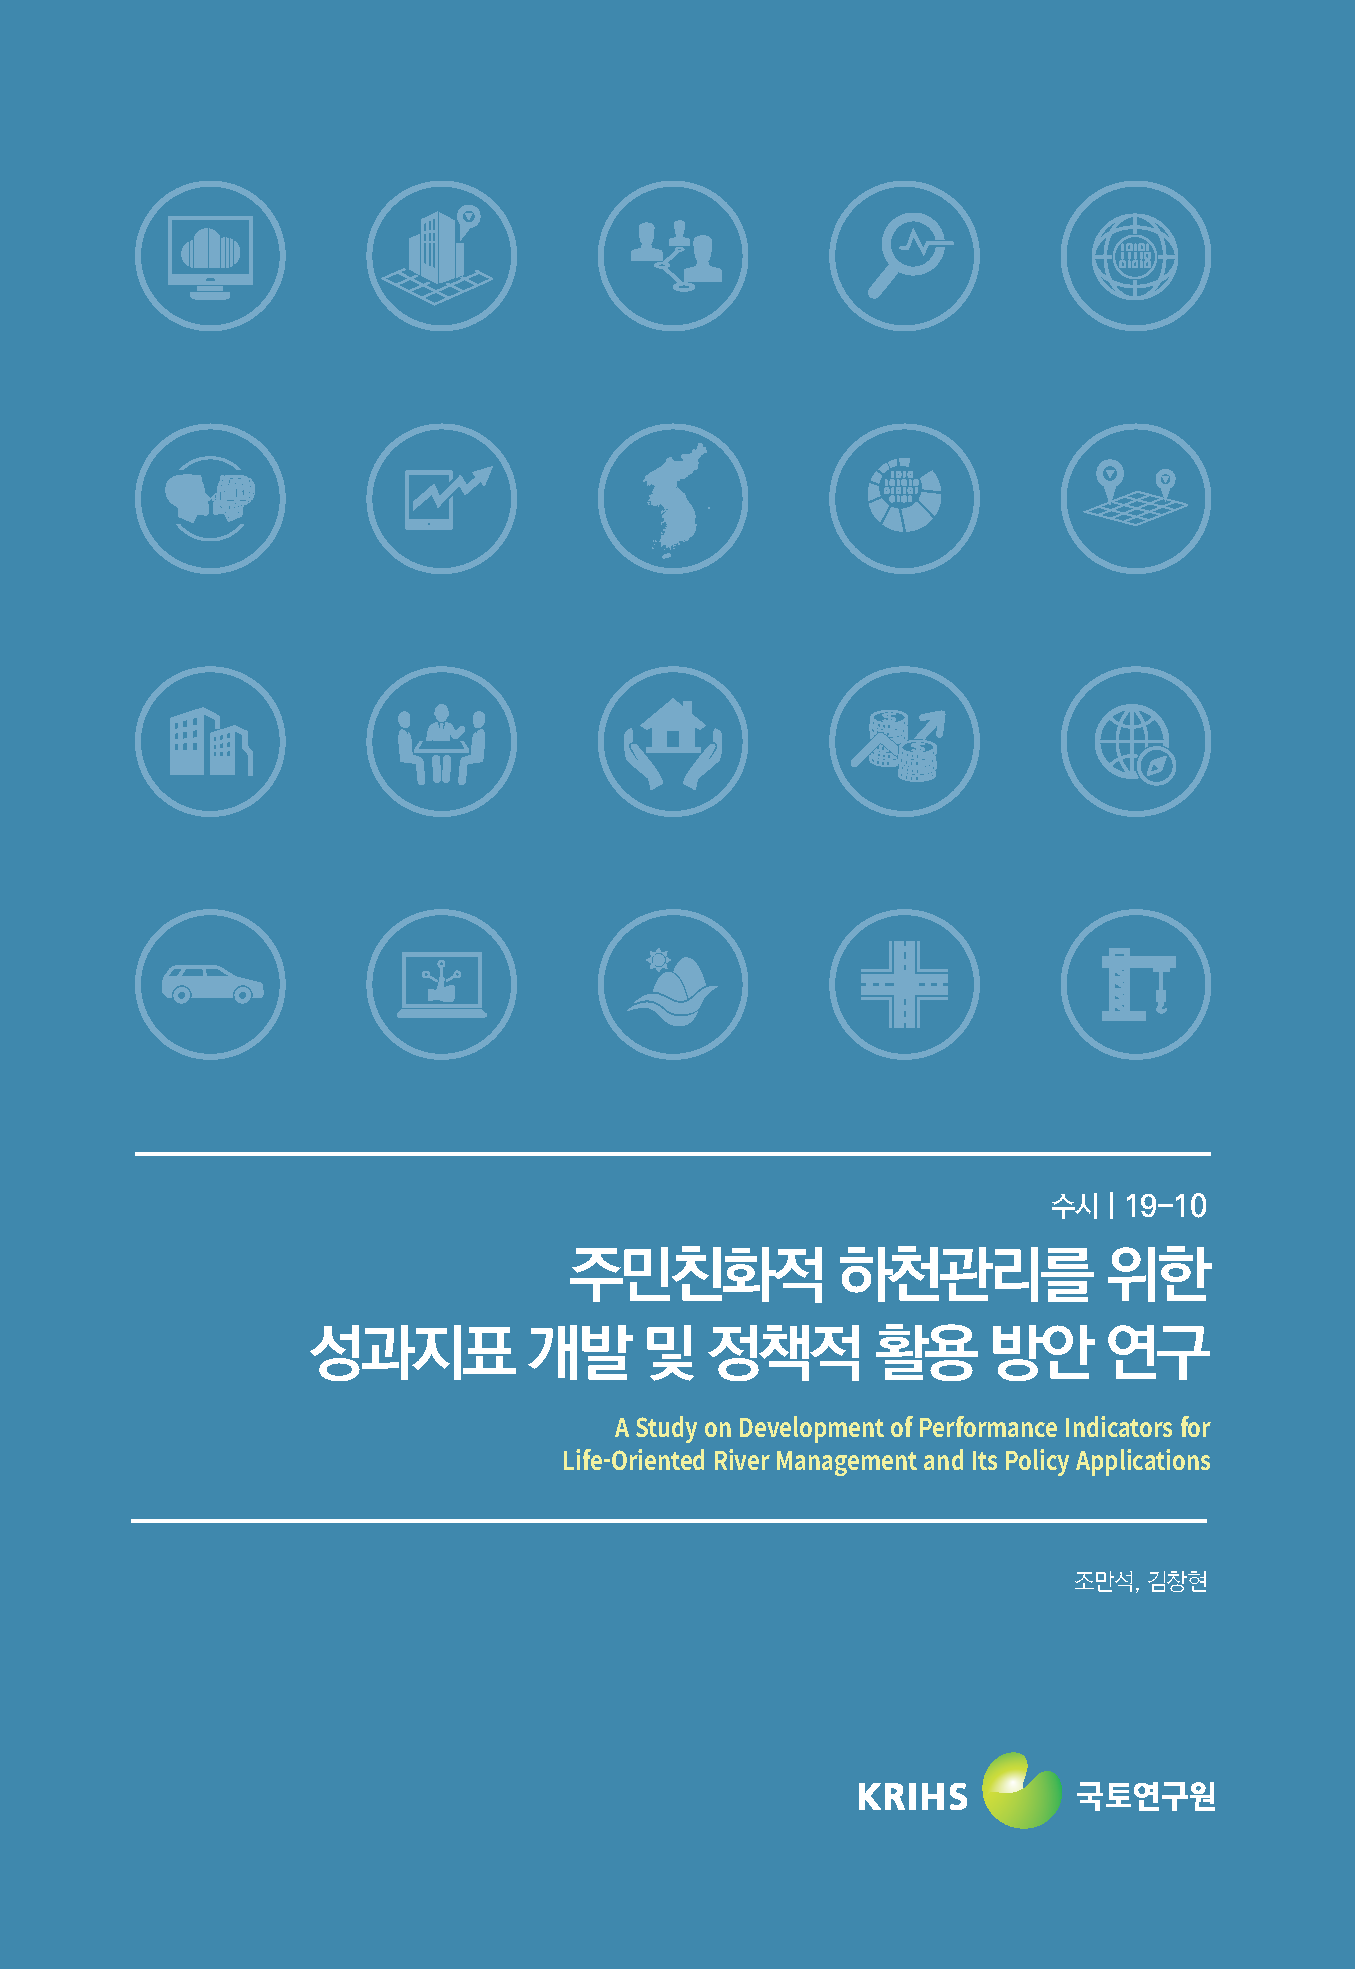 주민친화적 하천관리를 위한 성과지표 개발 및 정책적 활용 방안 연구